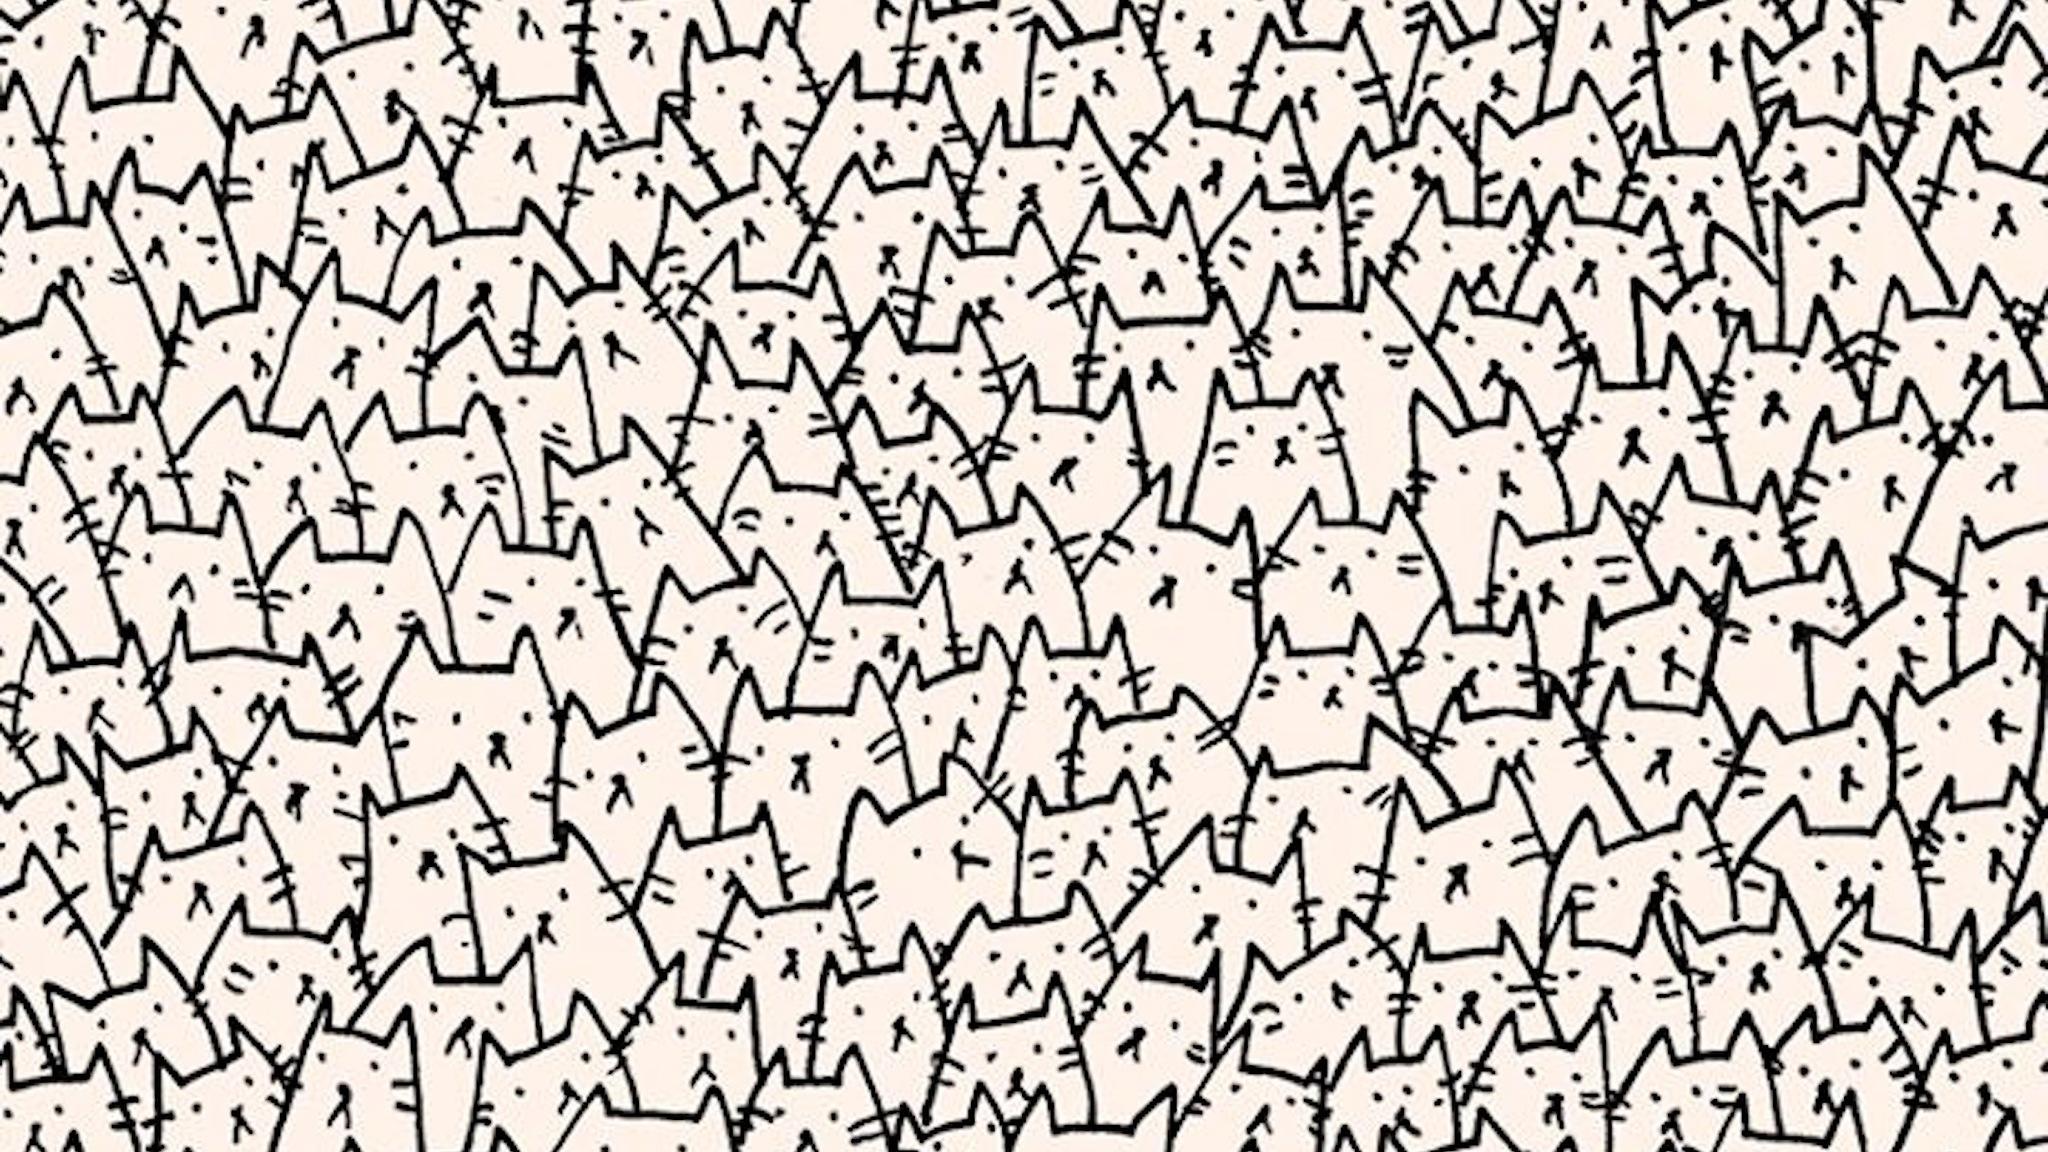 картинка много котиков черно белая звери чаще